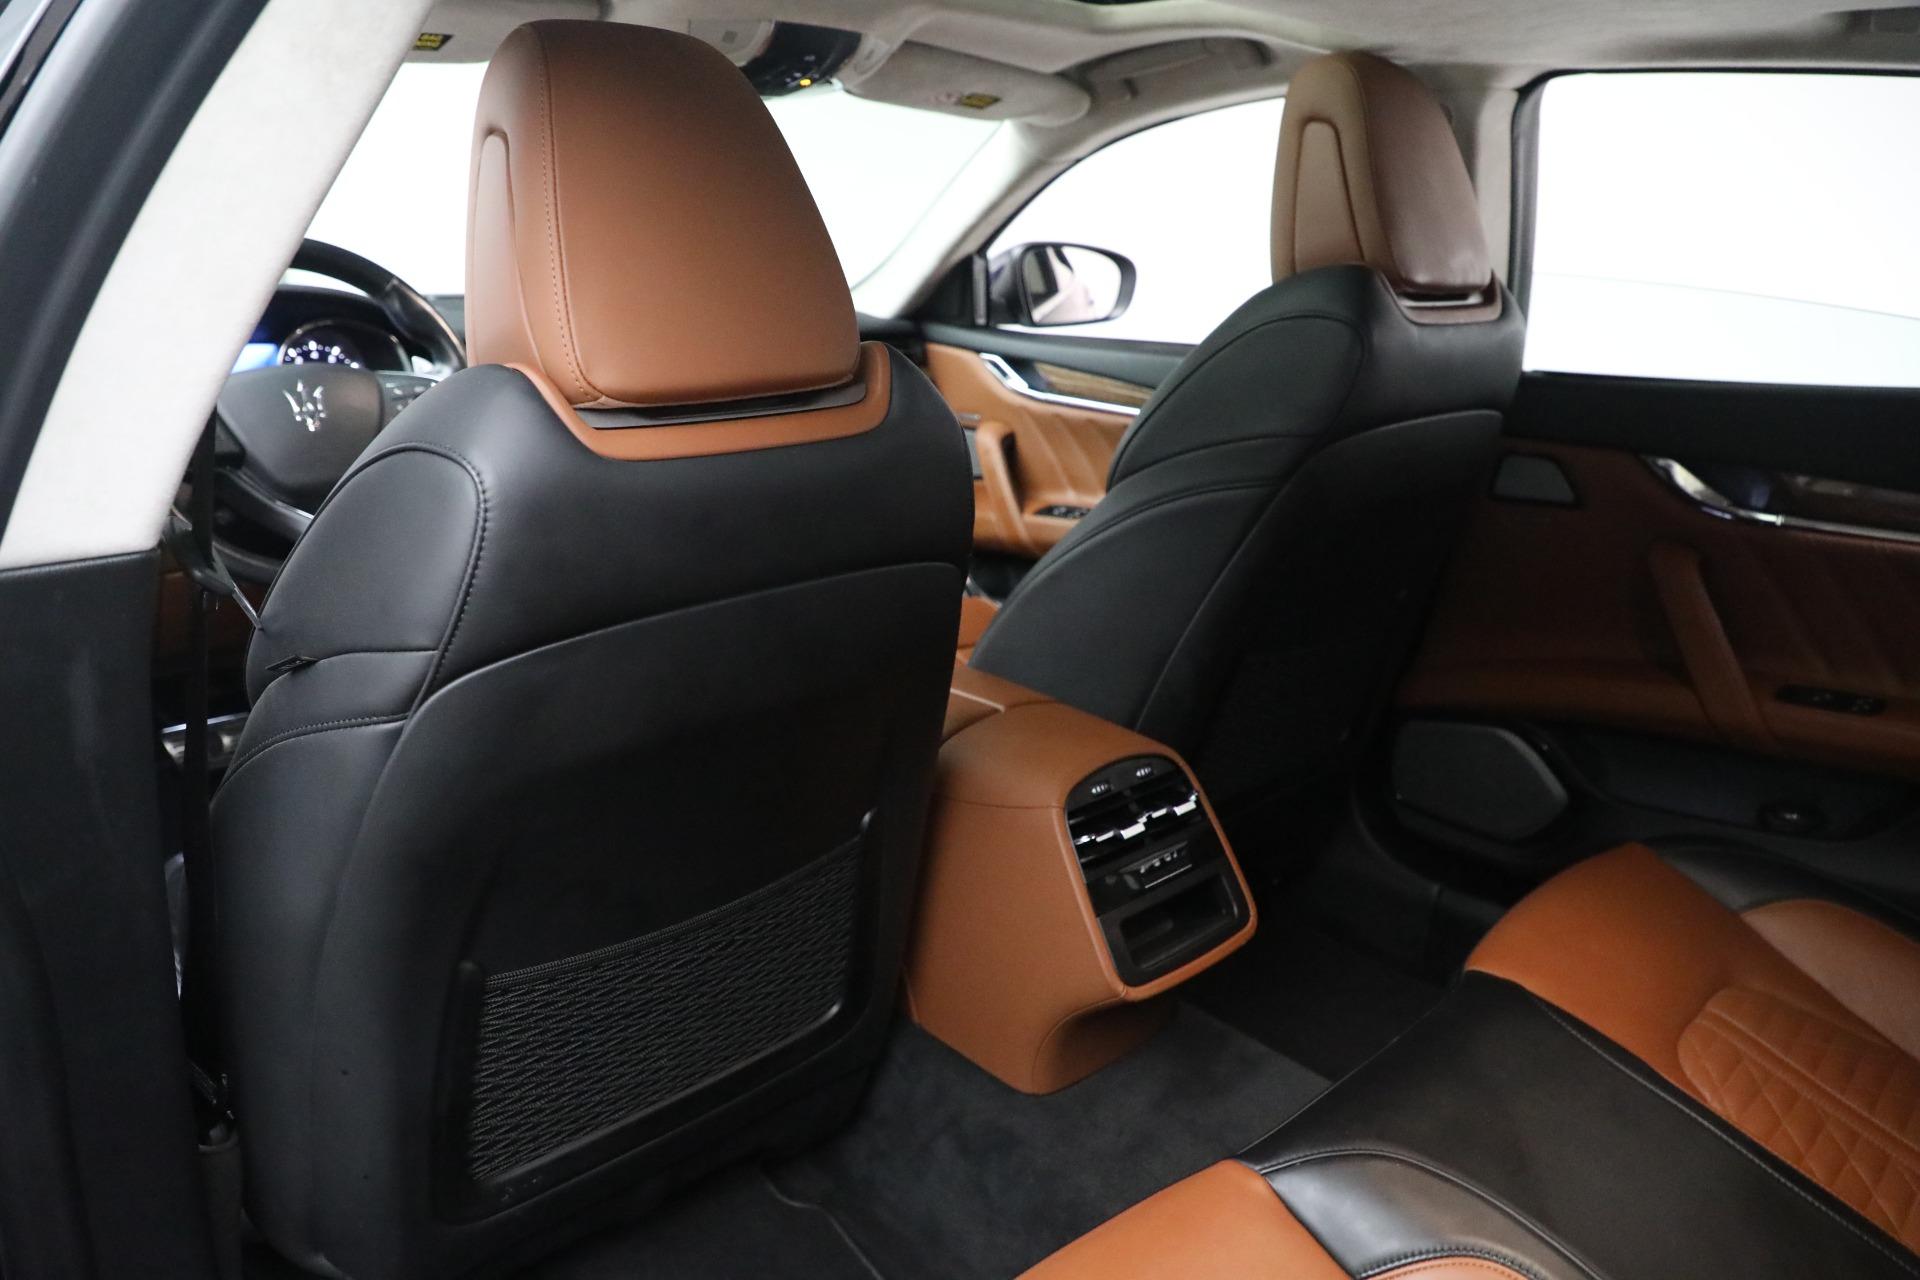 New 2019 Maserati Quattroporte S Q4 GranLusso Edizione Nobile For Sale In Greenwich, CT 2858_p19